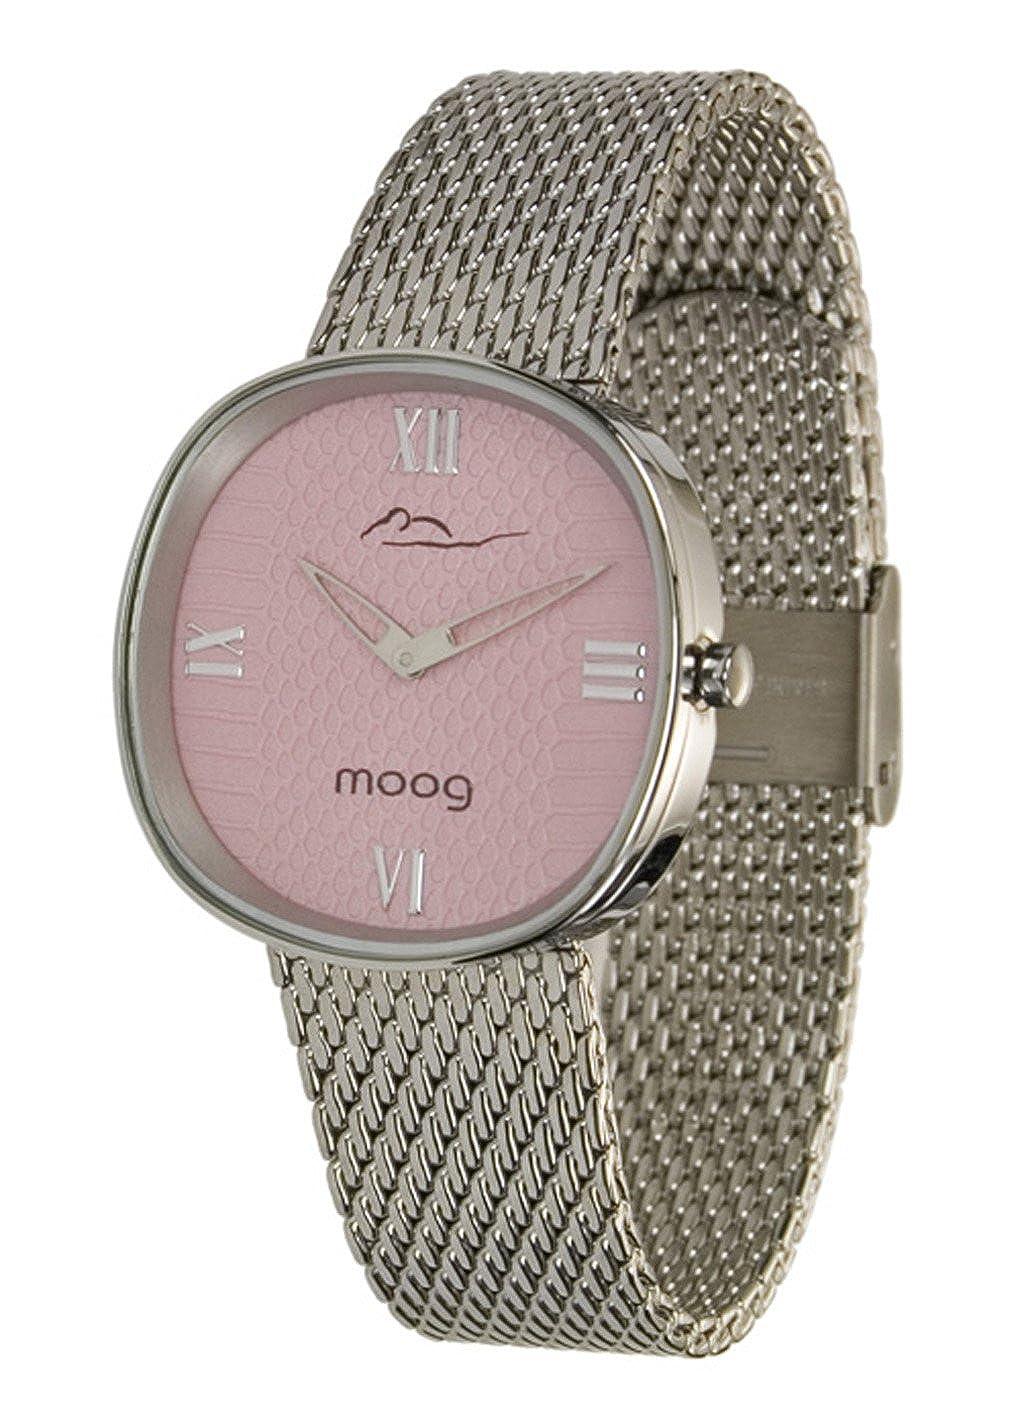 Moog Mujer Reloj Paris Metal para Esfera Rosa con Chic JFTlKc13